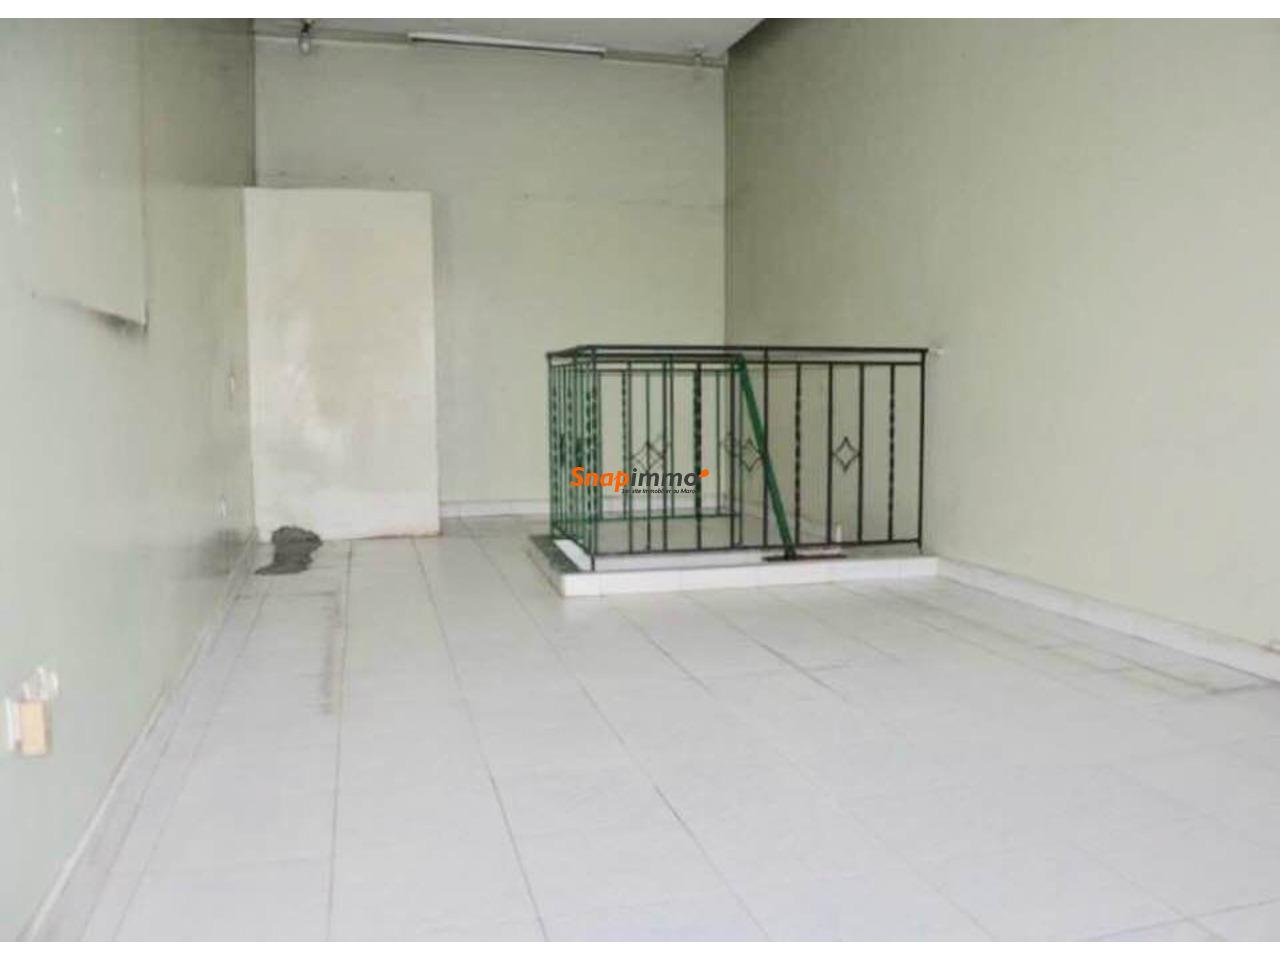 Espace de 18 m2 pour commerce ou bureau à louer - 1/3